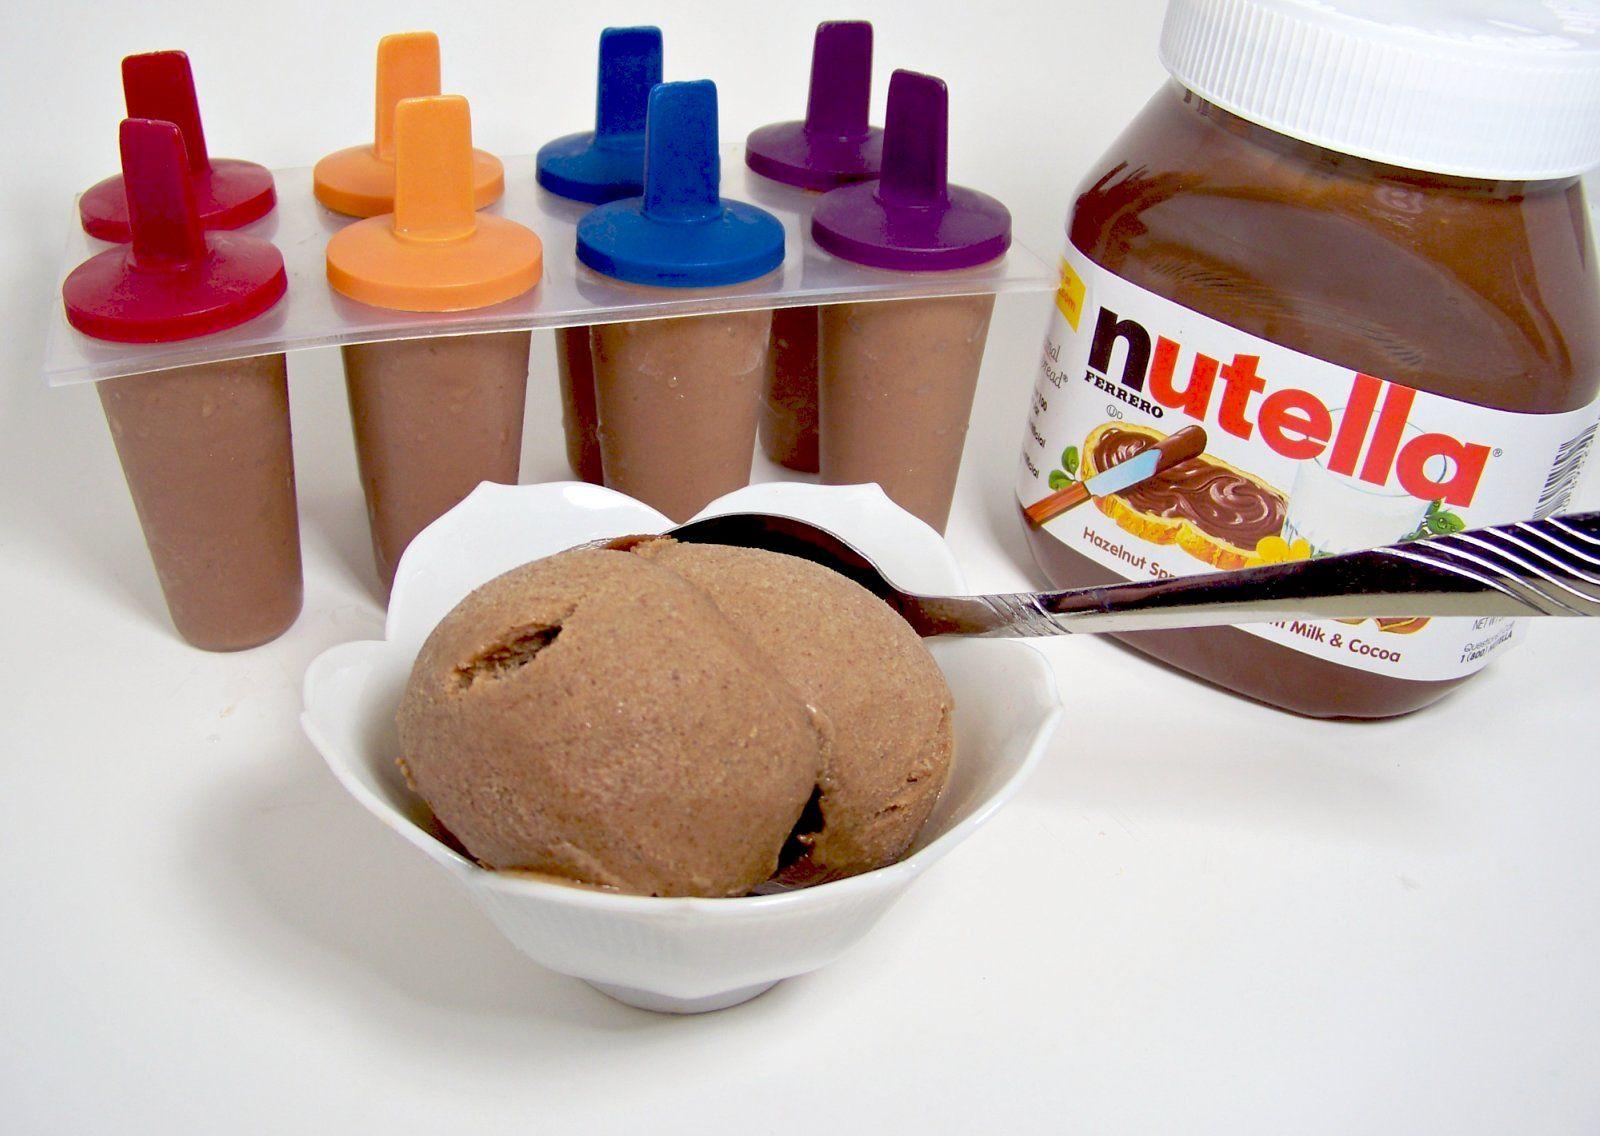 Nutella + banana + blender + freezer. LIFE. CHANGED. 140 calories.